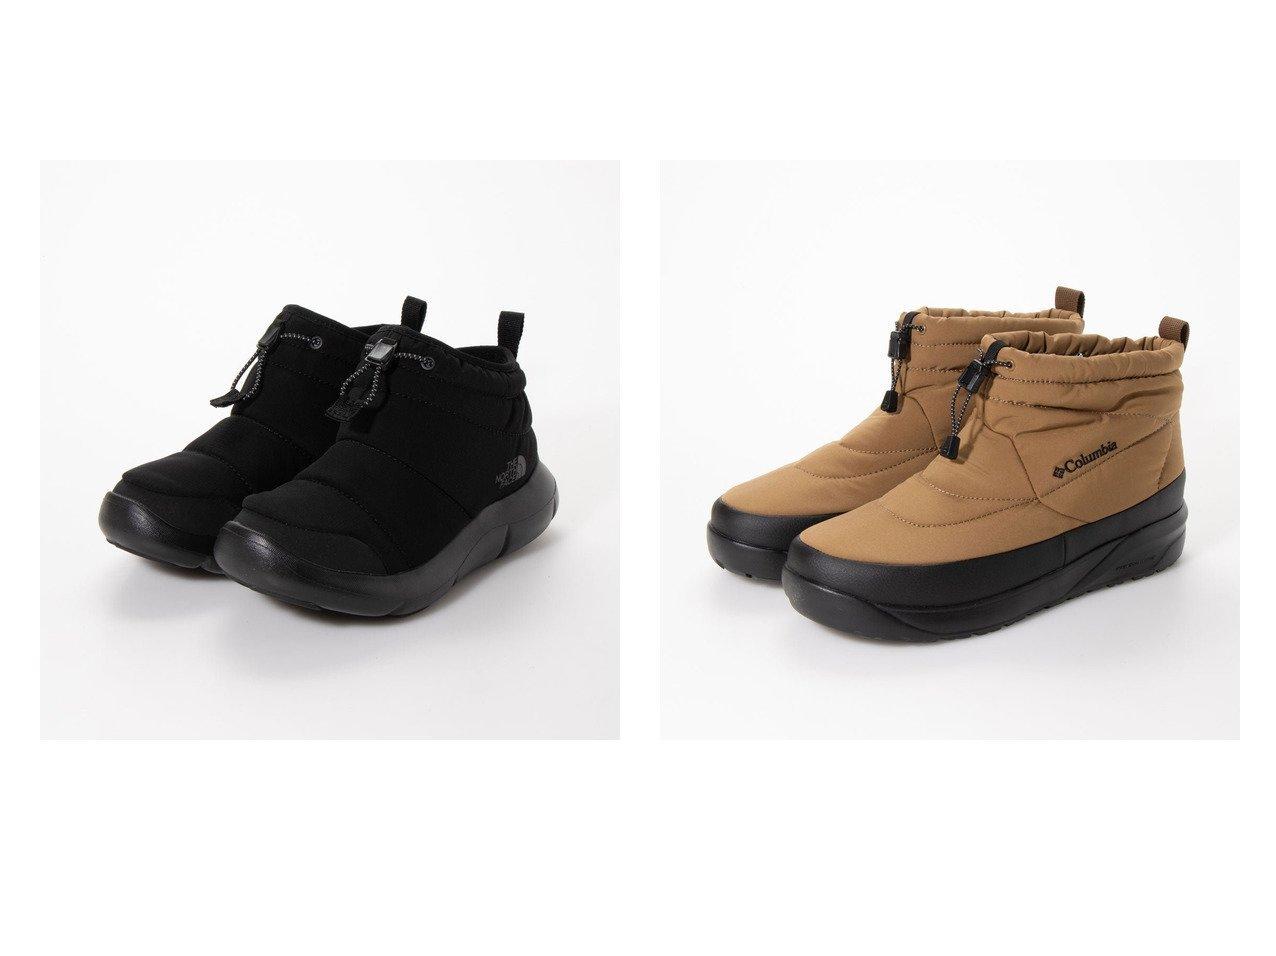 【THE NORTH FACE/ザ ノース フェイス】のNuptse Lifty Mini WP NF52080&【Columbia/コロンビア】のブーツ SPINREEL- MINI BOOT II WP OMNI-HEAT- YU0354 シューズ・靴のおすすめ!人気、レディースファッションの通販 おすすめファッション通販アイテム インテリア・キッズ・メンズ・レディースファッション・服の通販 founy(ファニー) ファッション Fashion レディース WOMEN クッション 軽量 シューズ バランス ボトム ライニング ラバー ウォーター ショート スポーツ レース ロング ブラック系 Black ブラウン系 Brown |ID:crp329100000004942